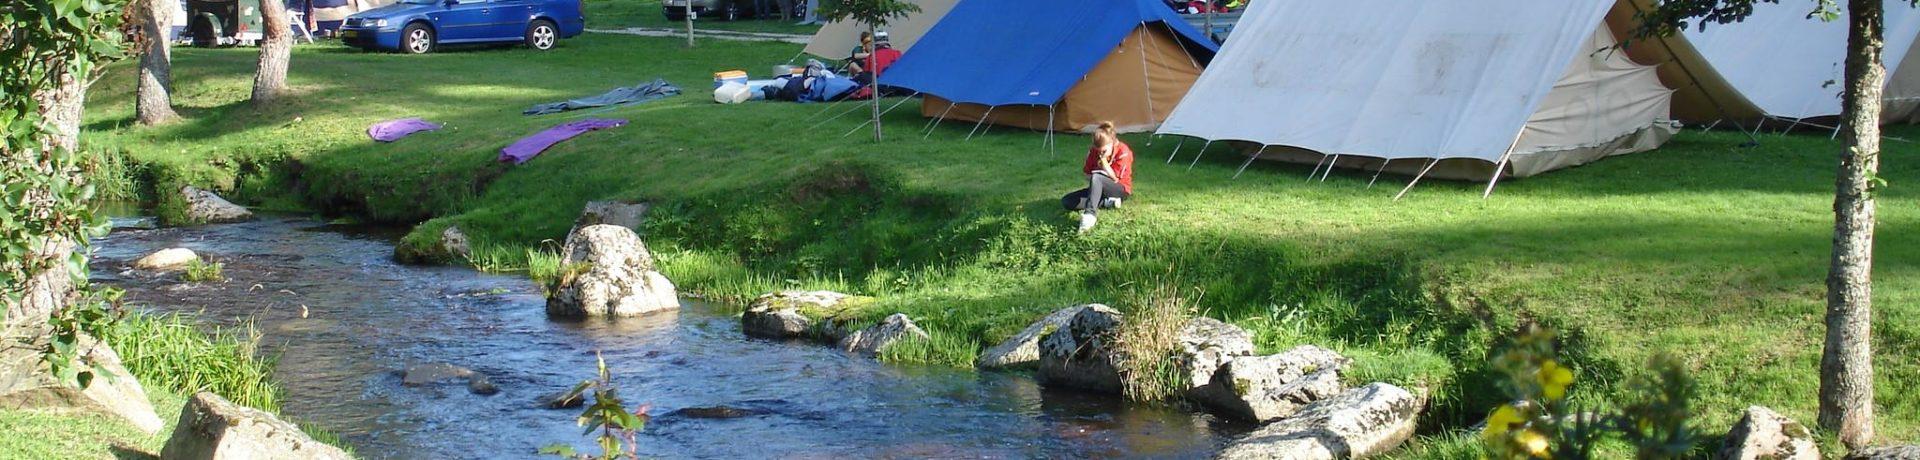 Prachtige natuurcamping met zwembad gelegen aan een kleine rivier in de Lozère.